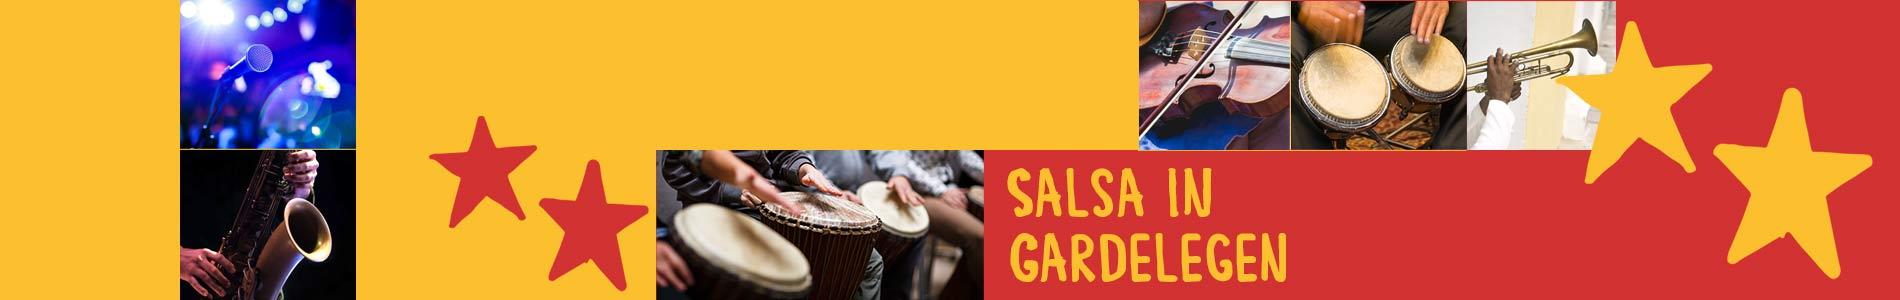 Salsa in Gardelegen – Salsa lernen und tanzen, Tanzkurse, Partys, Veranstaltungen